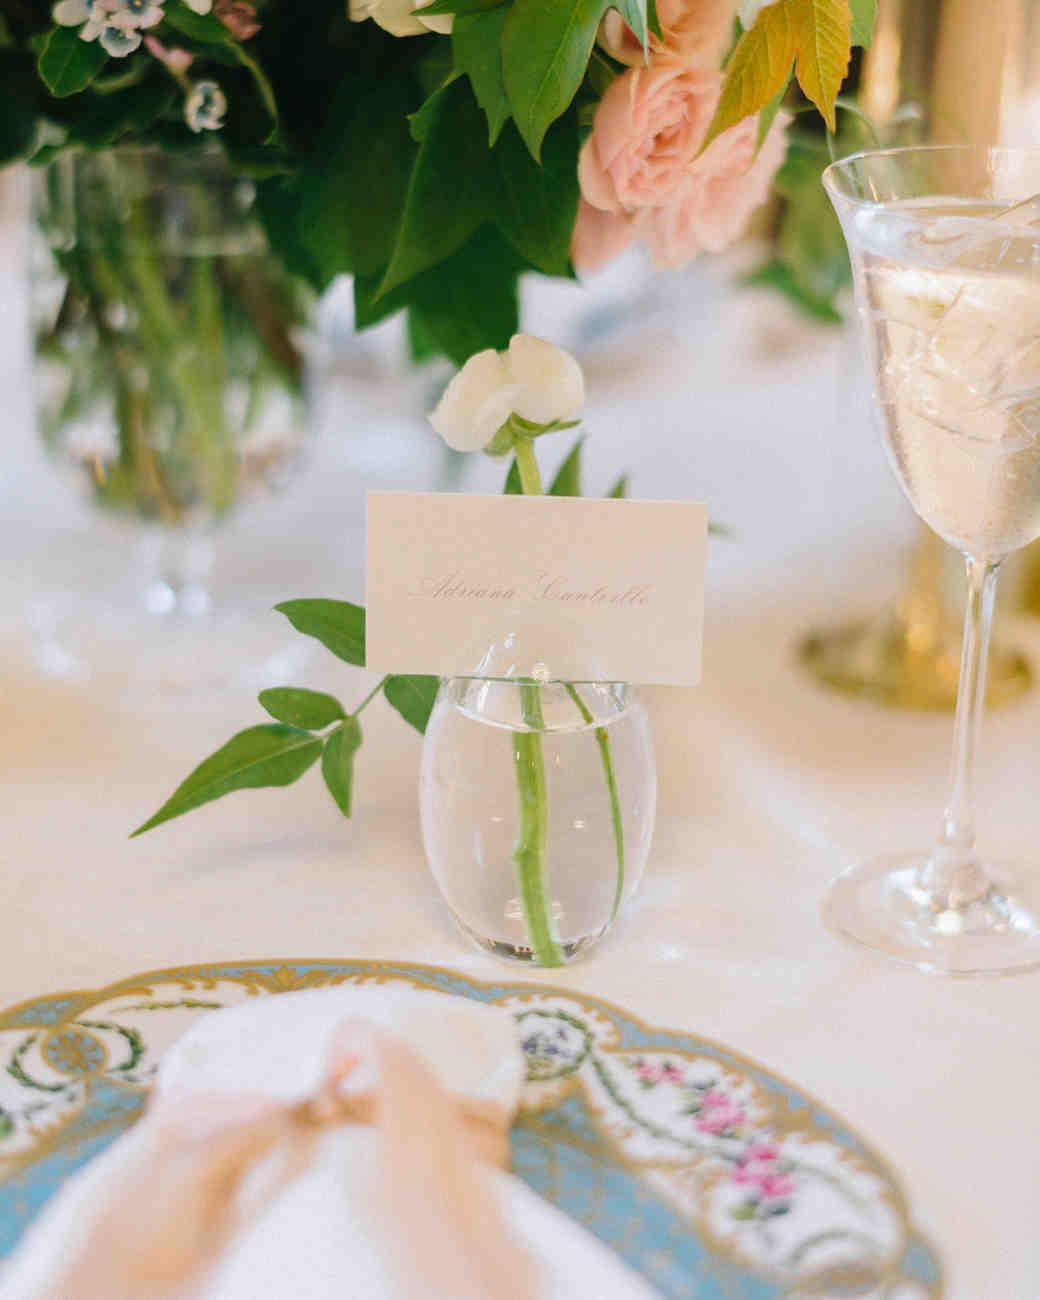 abby marcus wedding placecard budvase 174